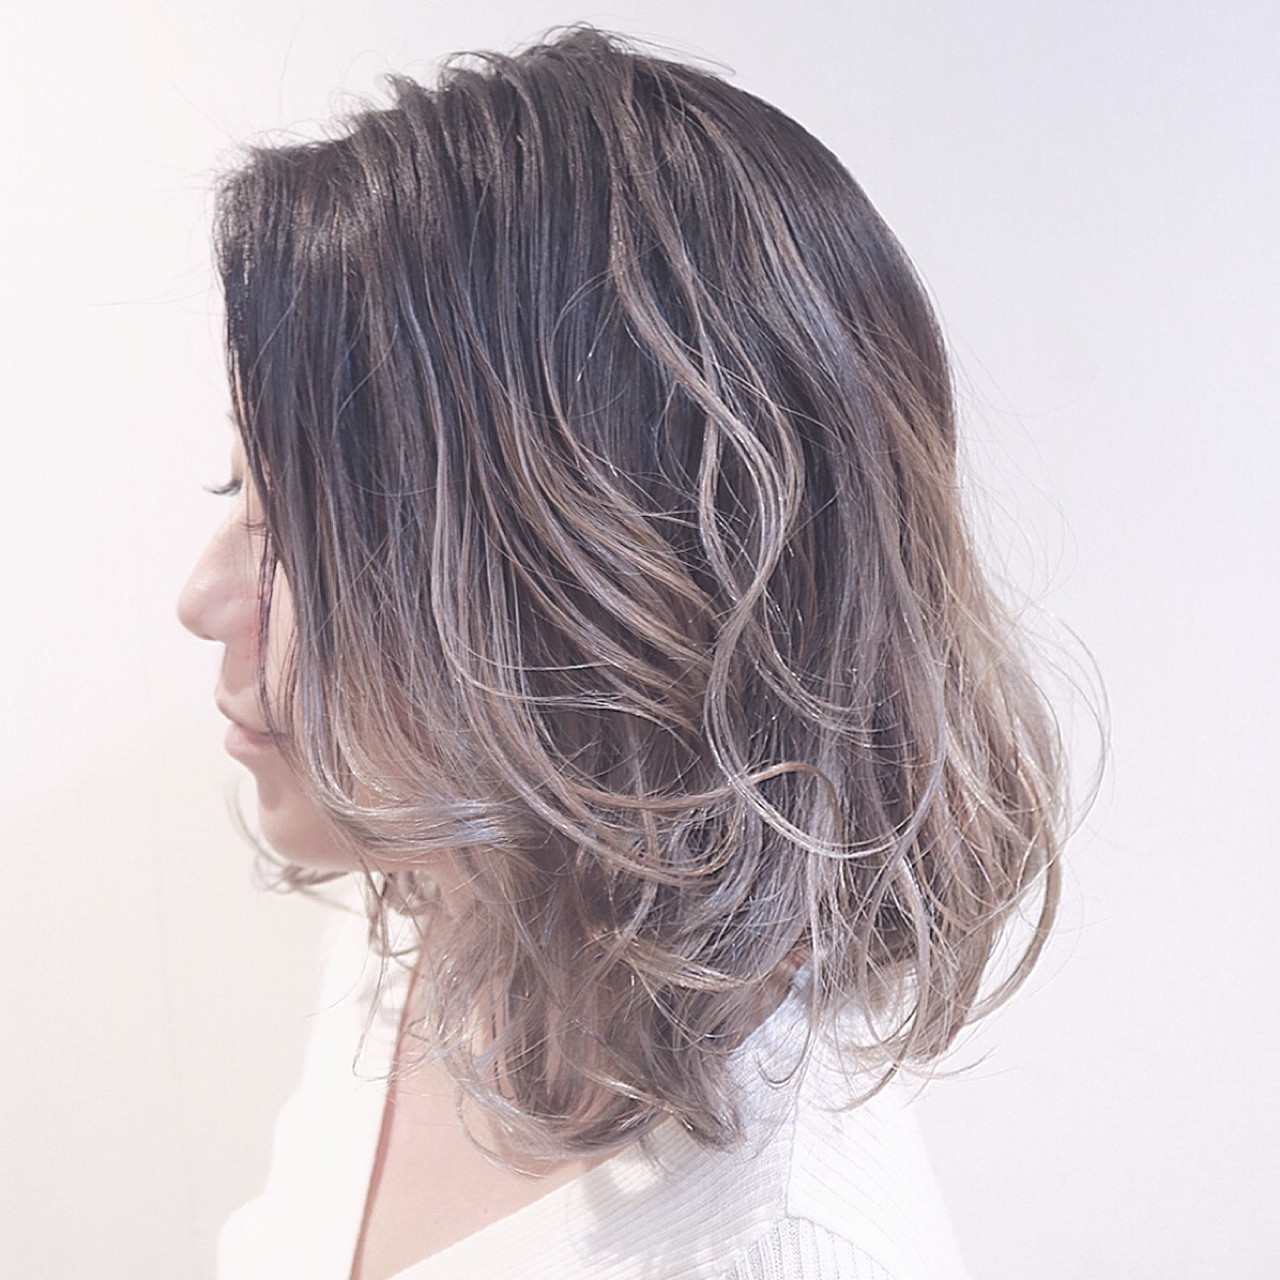 外国人風 ボブ グラデーションカラー バレイヤージュ ヘアスタイルや髪型の写真・画像 | RUMINA //高田ゆみこ / Rumina